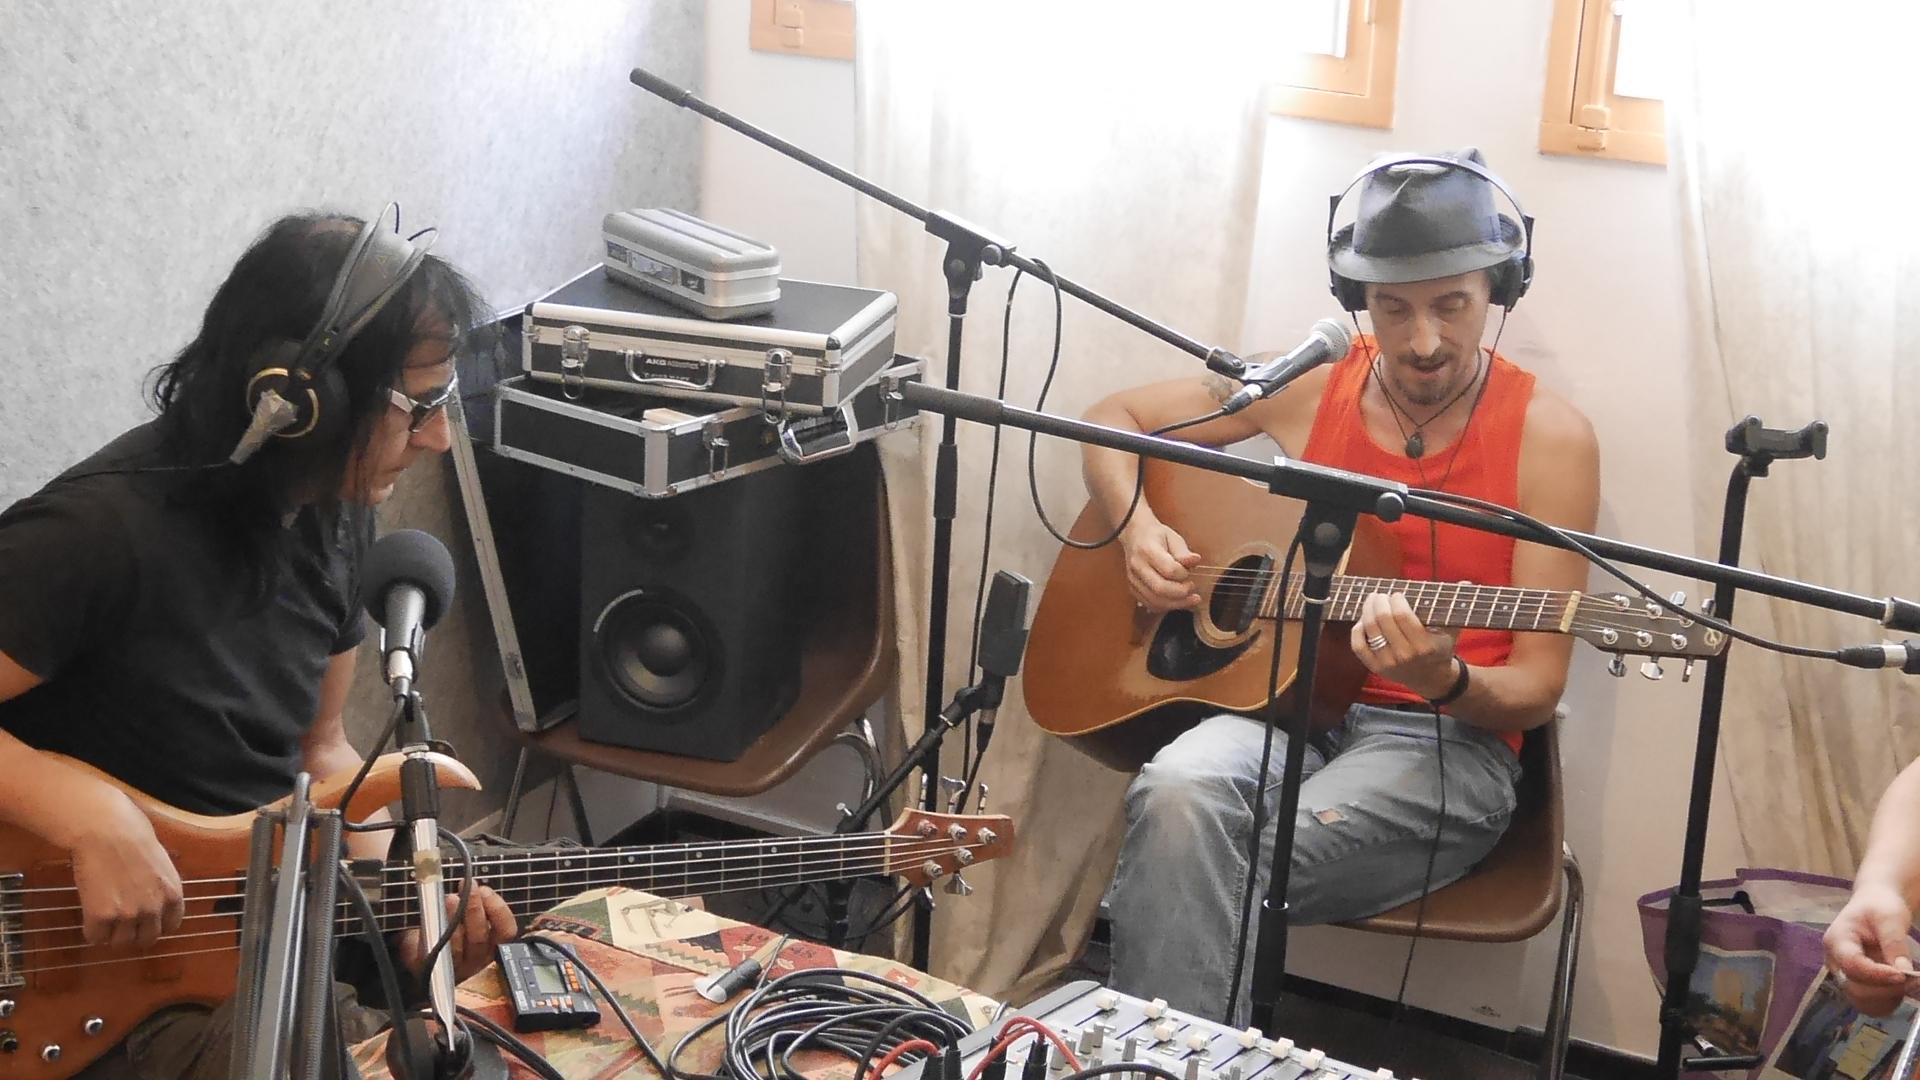 Le groupe Café Bertrand en direct à mistral, Digne